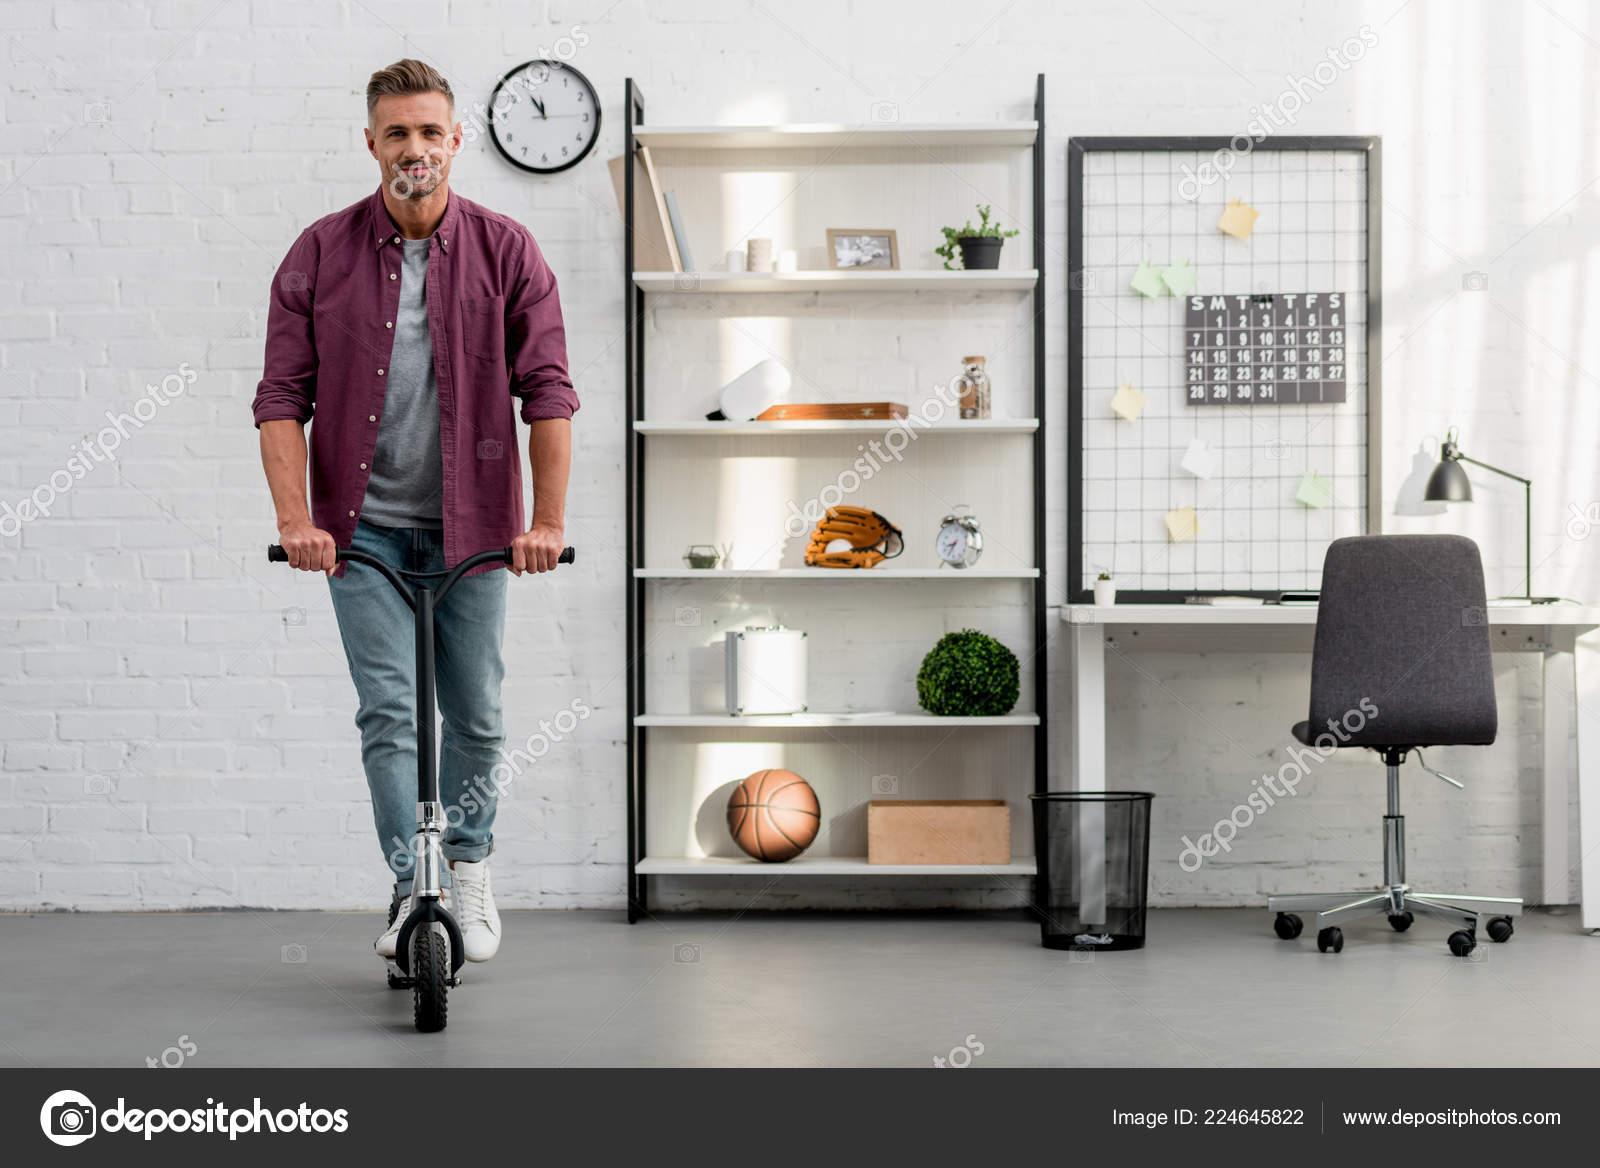 Gut Aussehender Mann Reiten Scooter Hause Buro Stockfoto